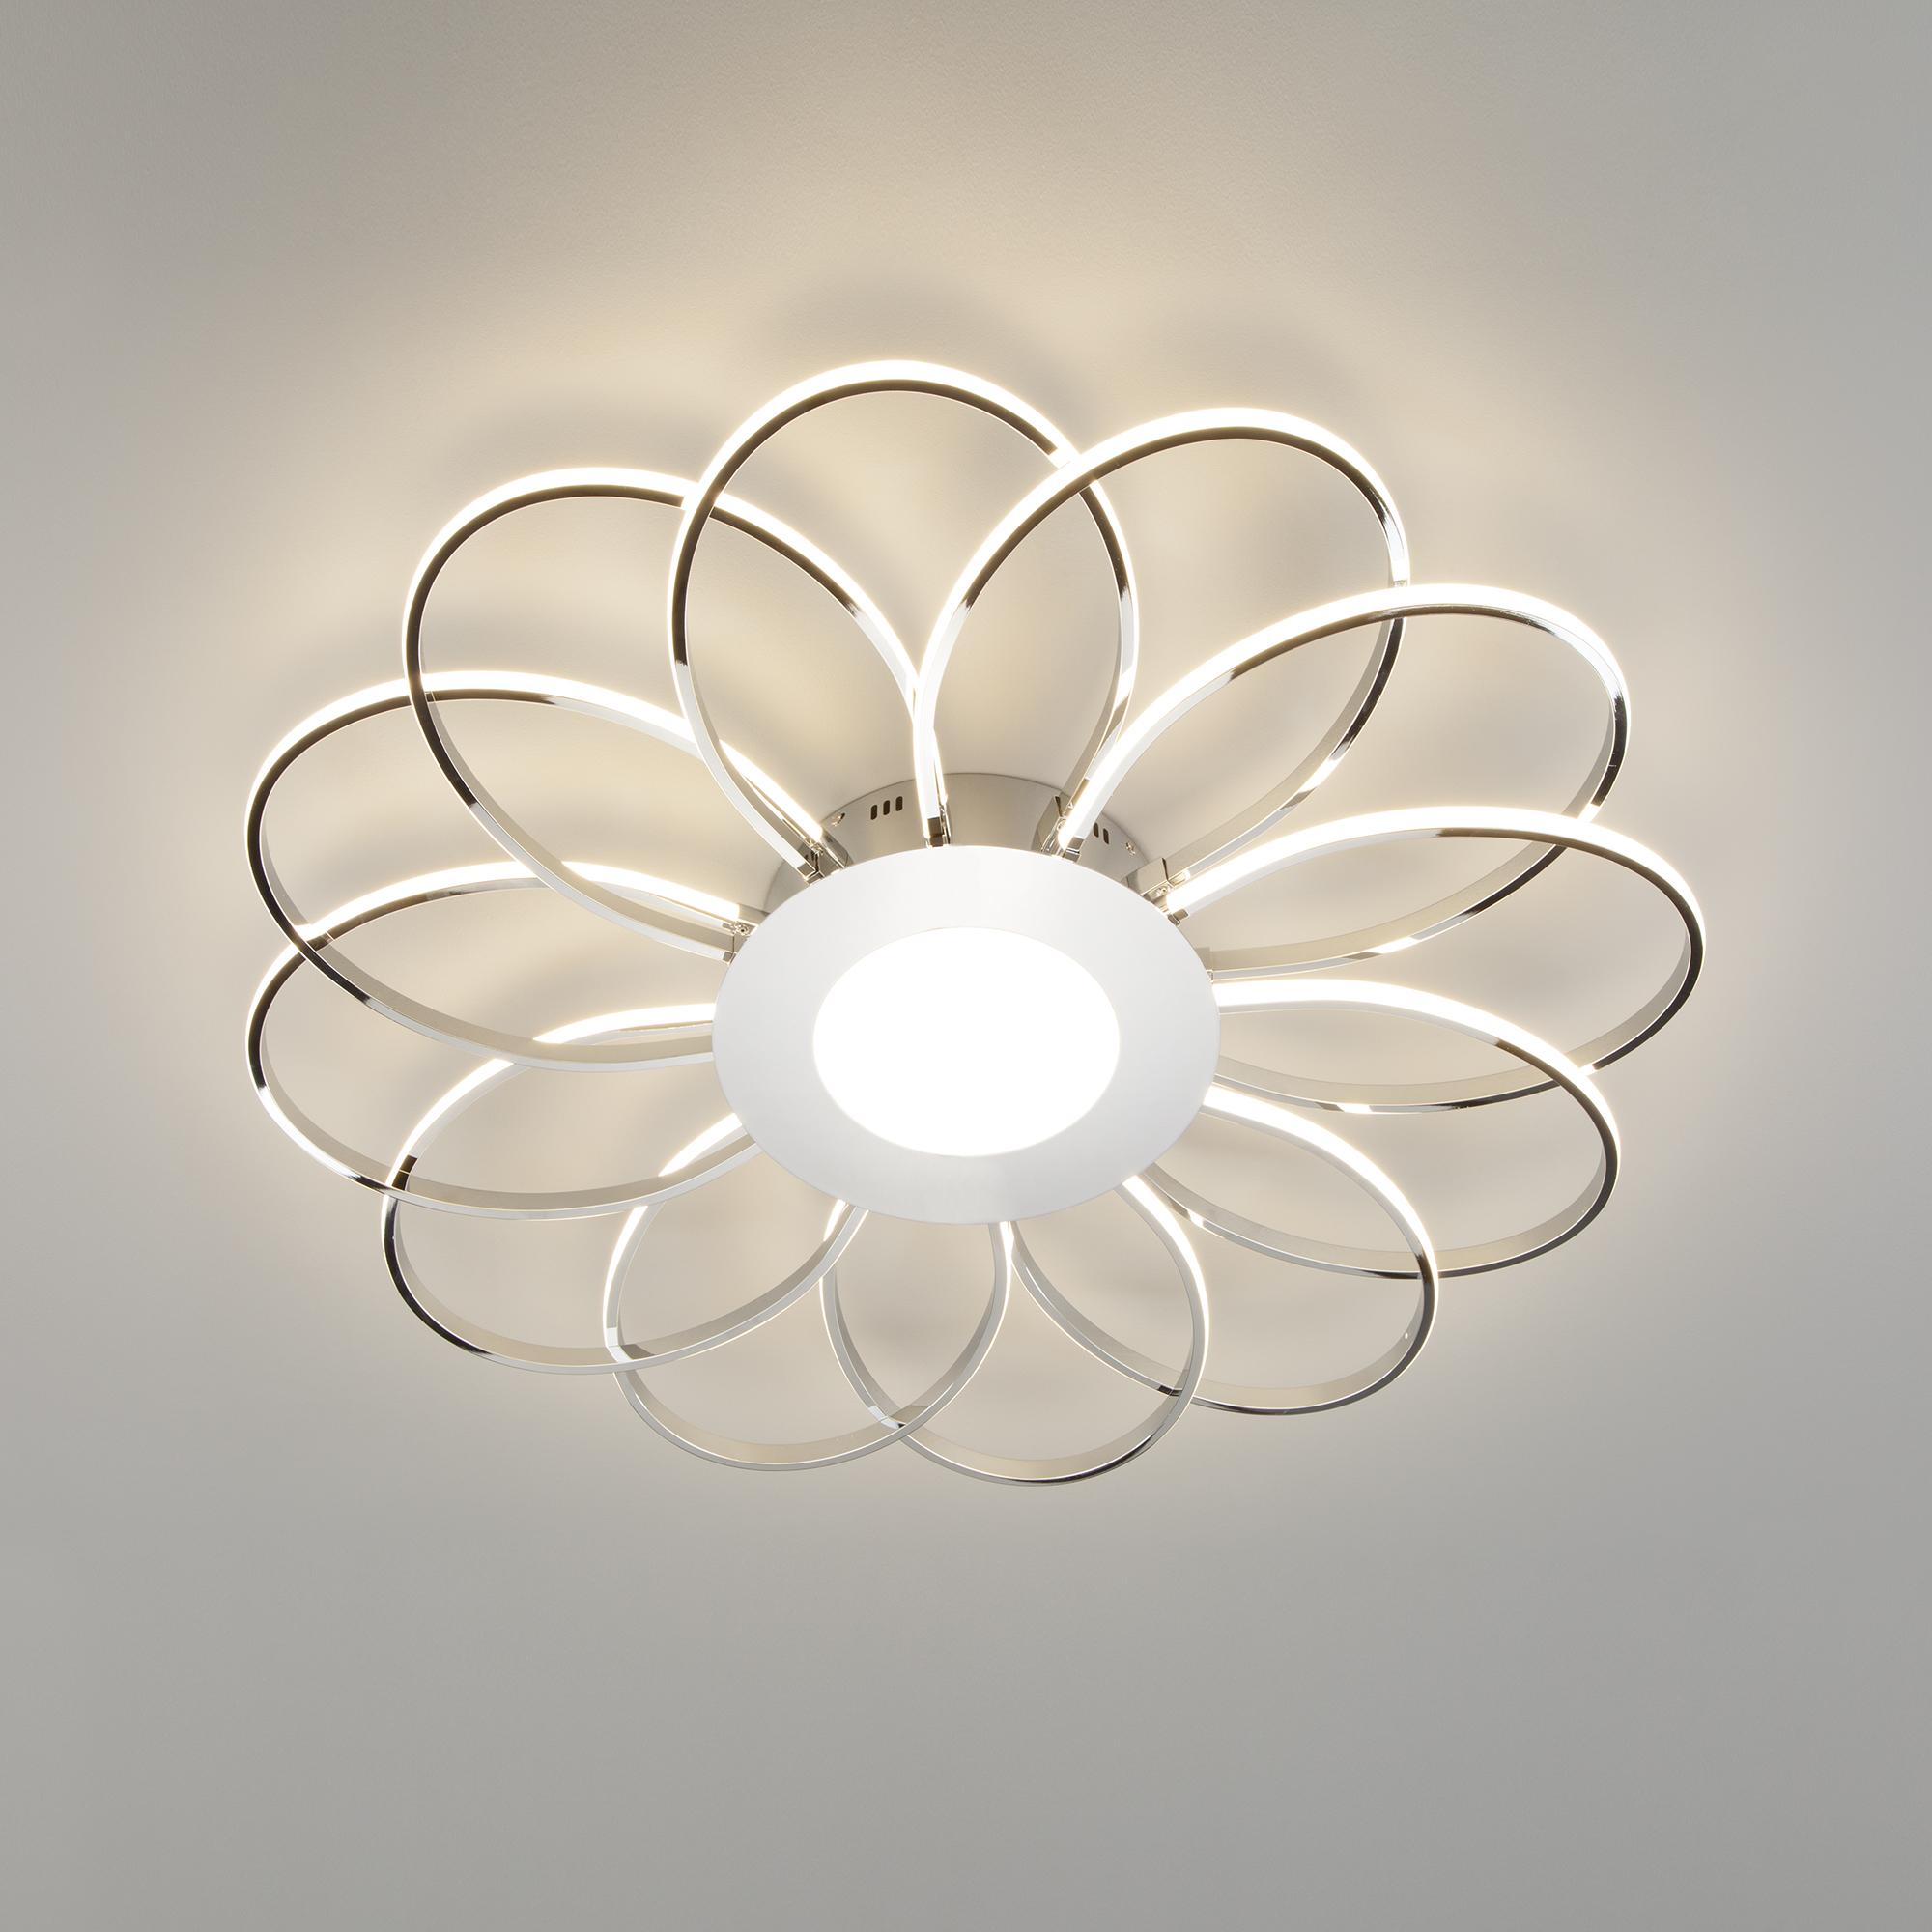 Потолочный светодиодный светильник Eurosvet Jenssen 90105/13 хром фото